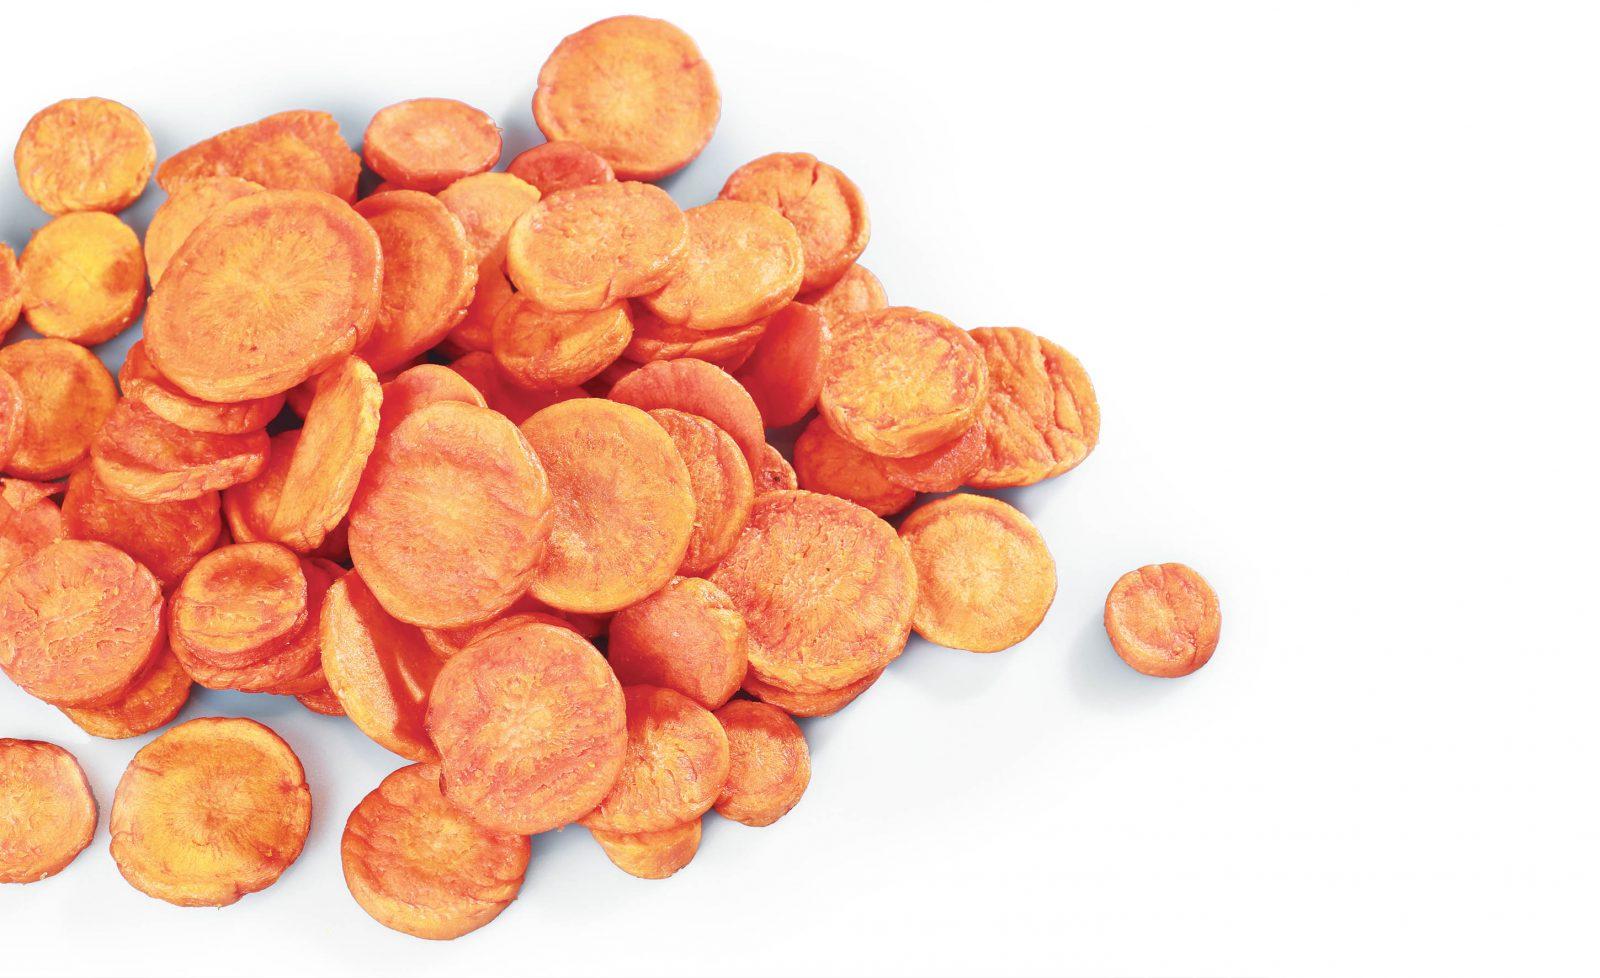 Máy sấy cà rốt và phương pháp sấy cà rốt mới 2020